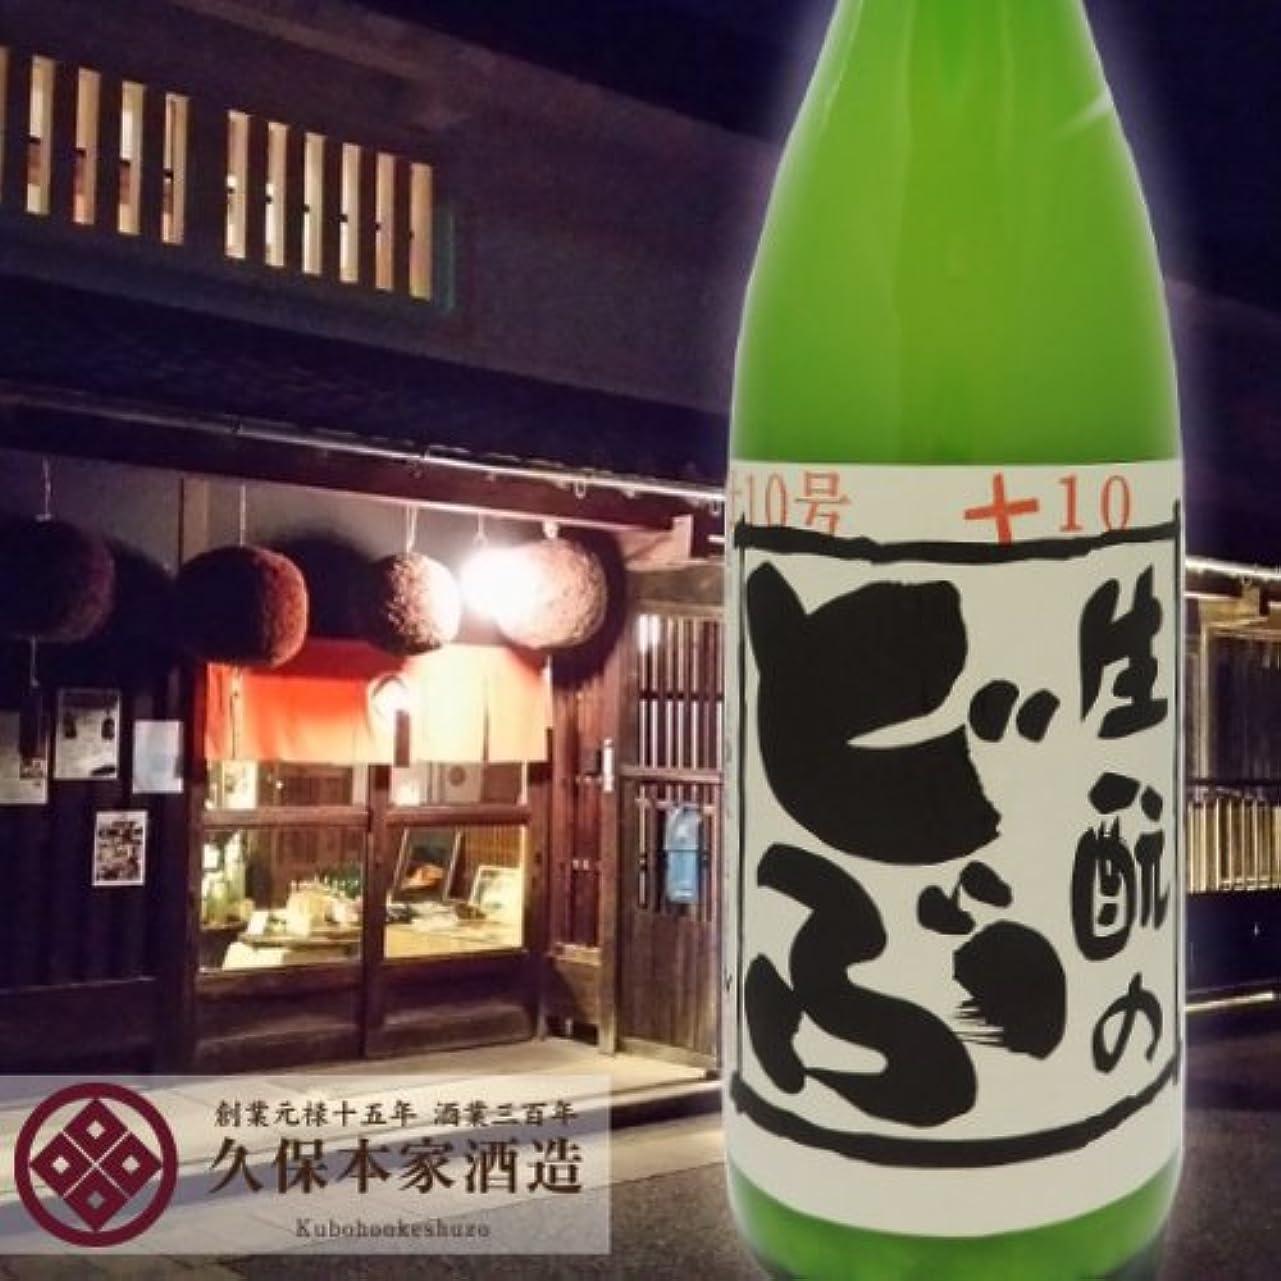 サルベージ努力する分析的な睡龍 生もとのどぶ 720ml (奈良県 久保本家酒造) 四合瓶